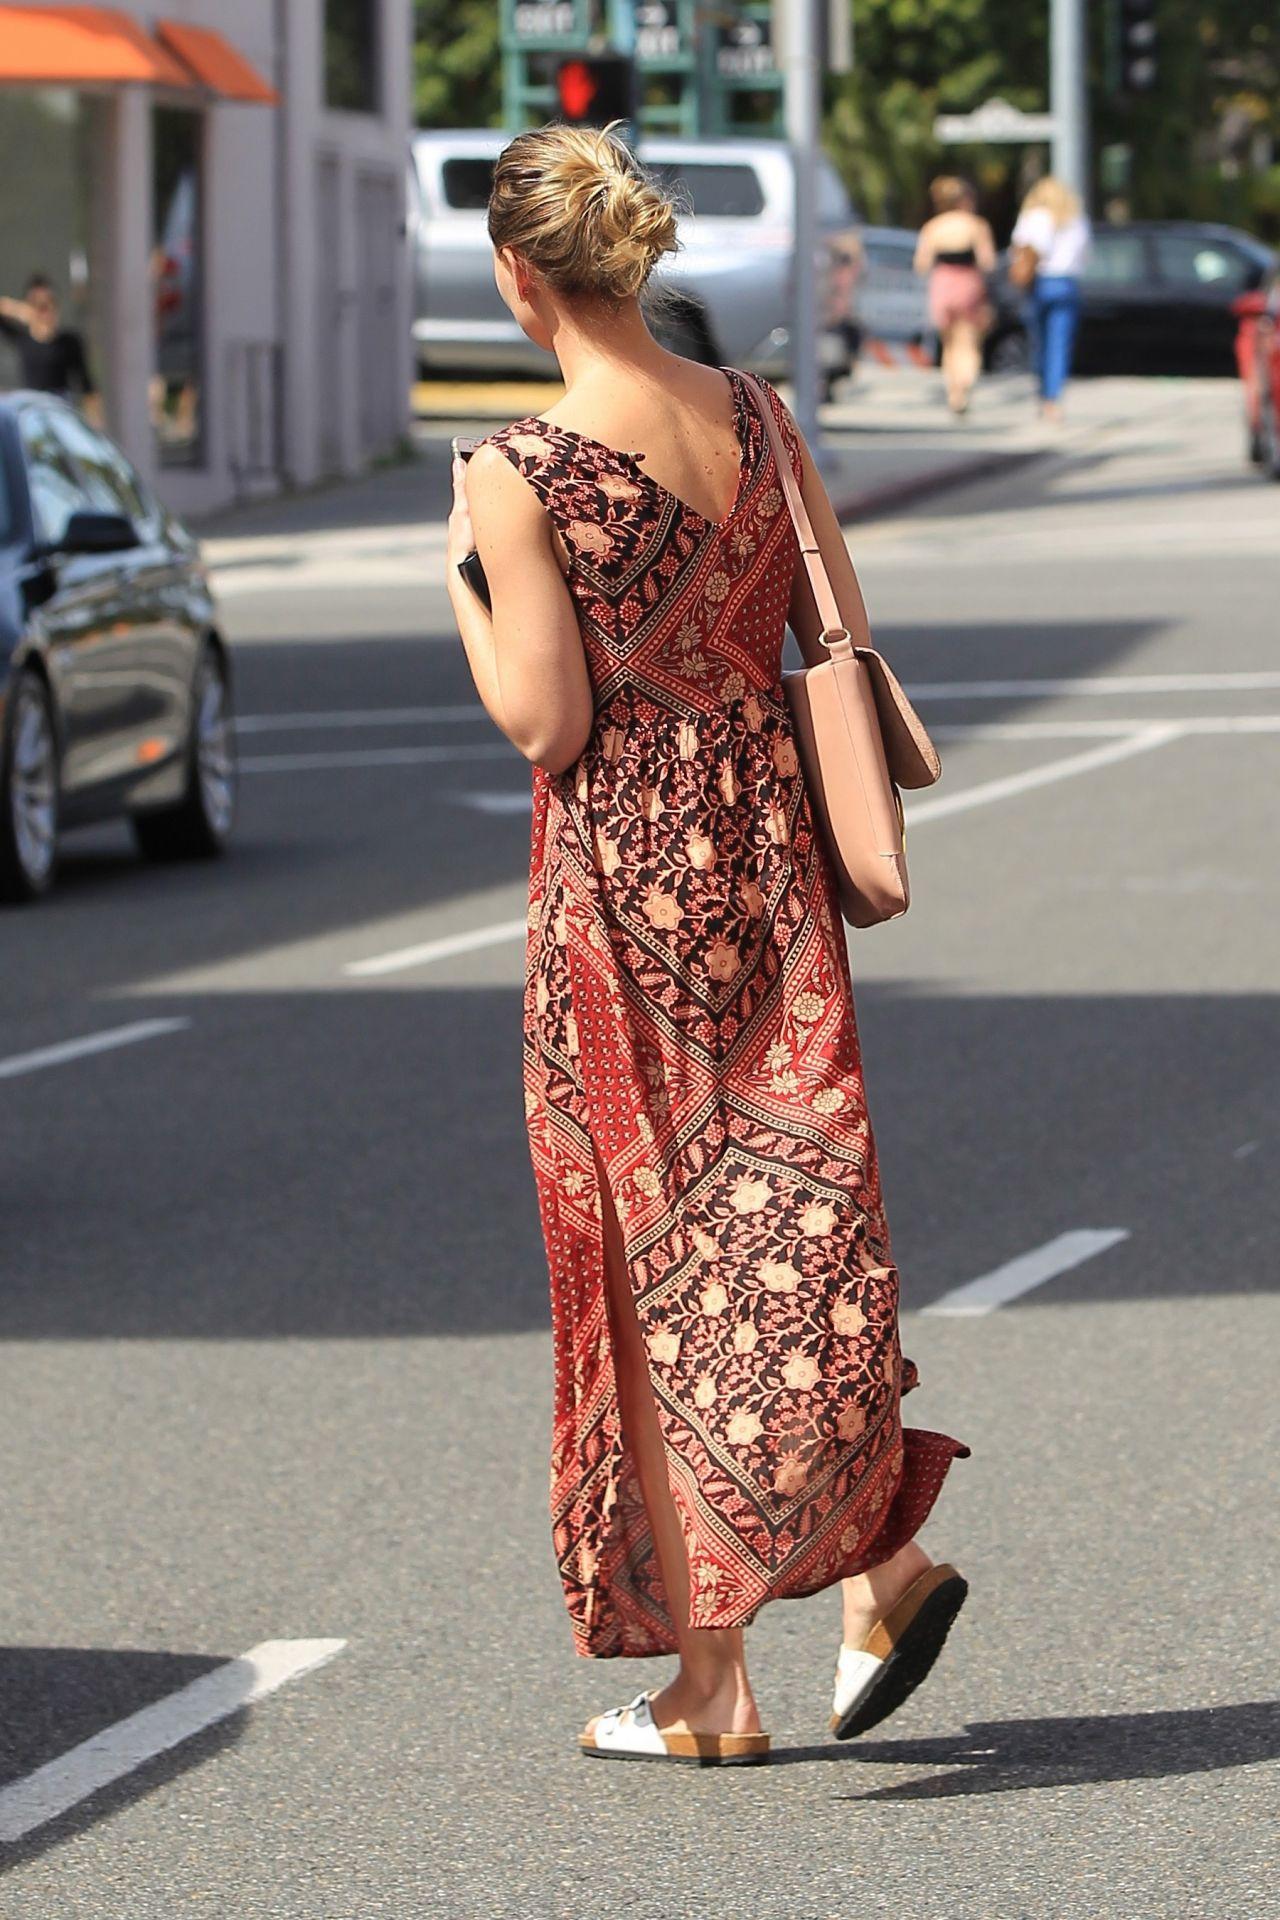 Alyson Aly Michalka - Running Errands in Beverly Hills 3/3 ...